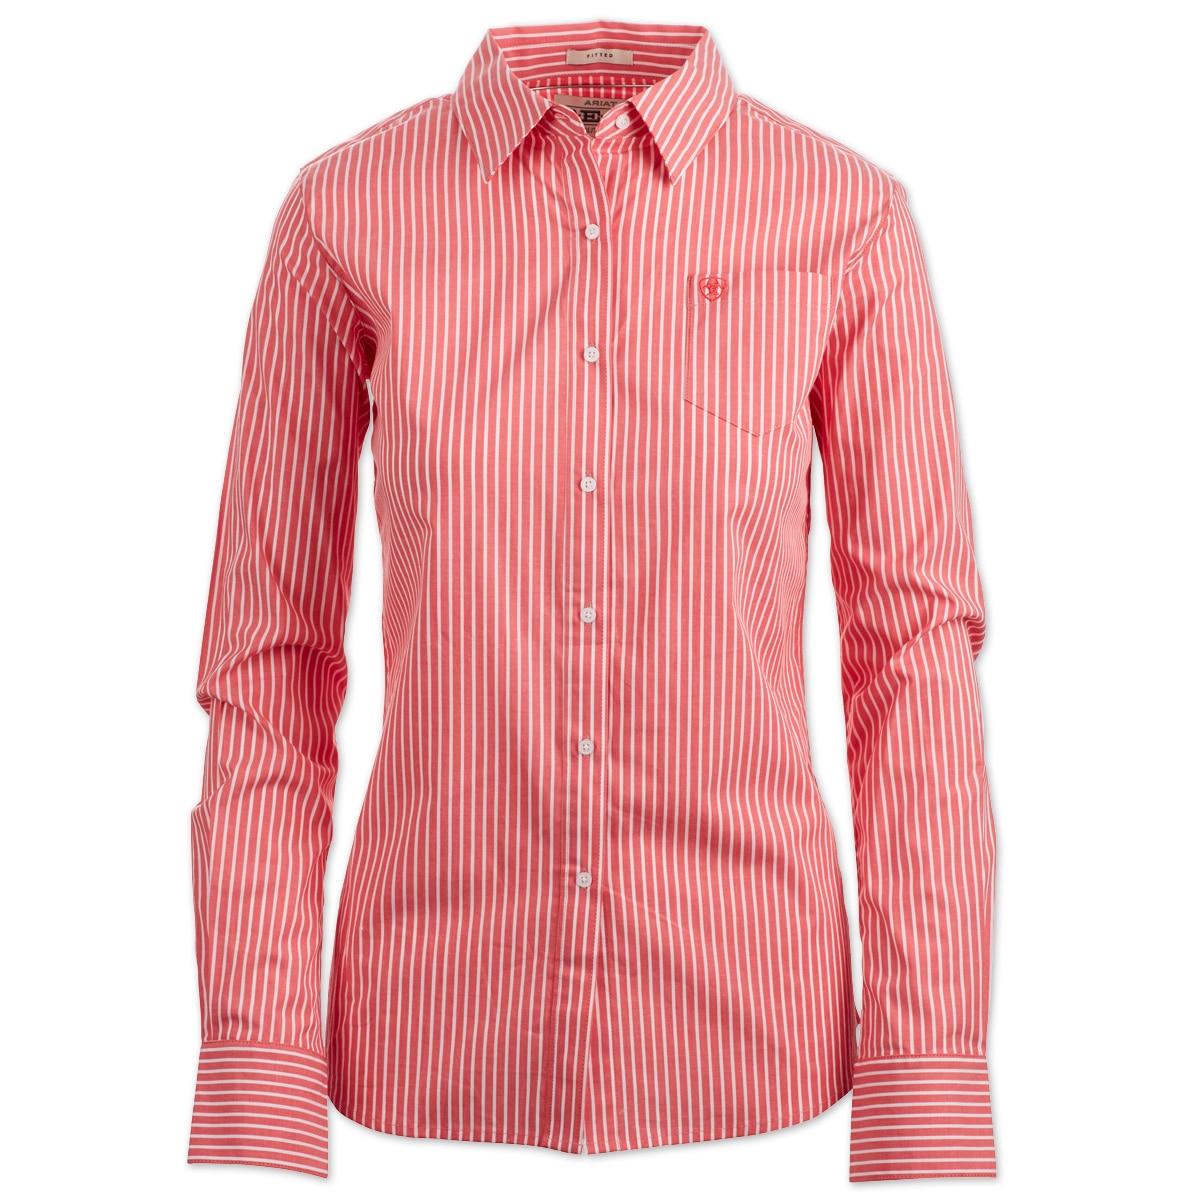 Ariat Kirby Stretch Dubarry Stripe Shirt